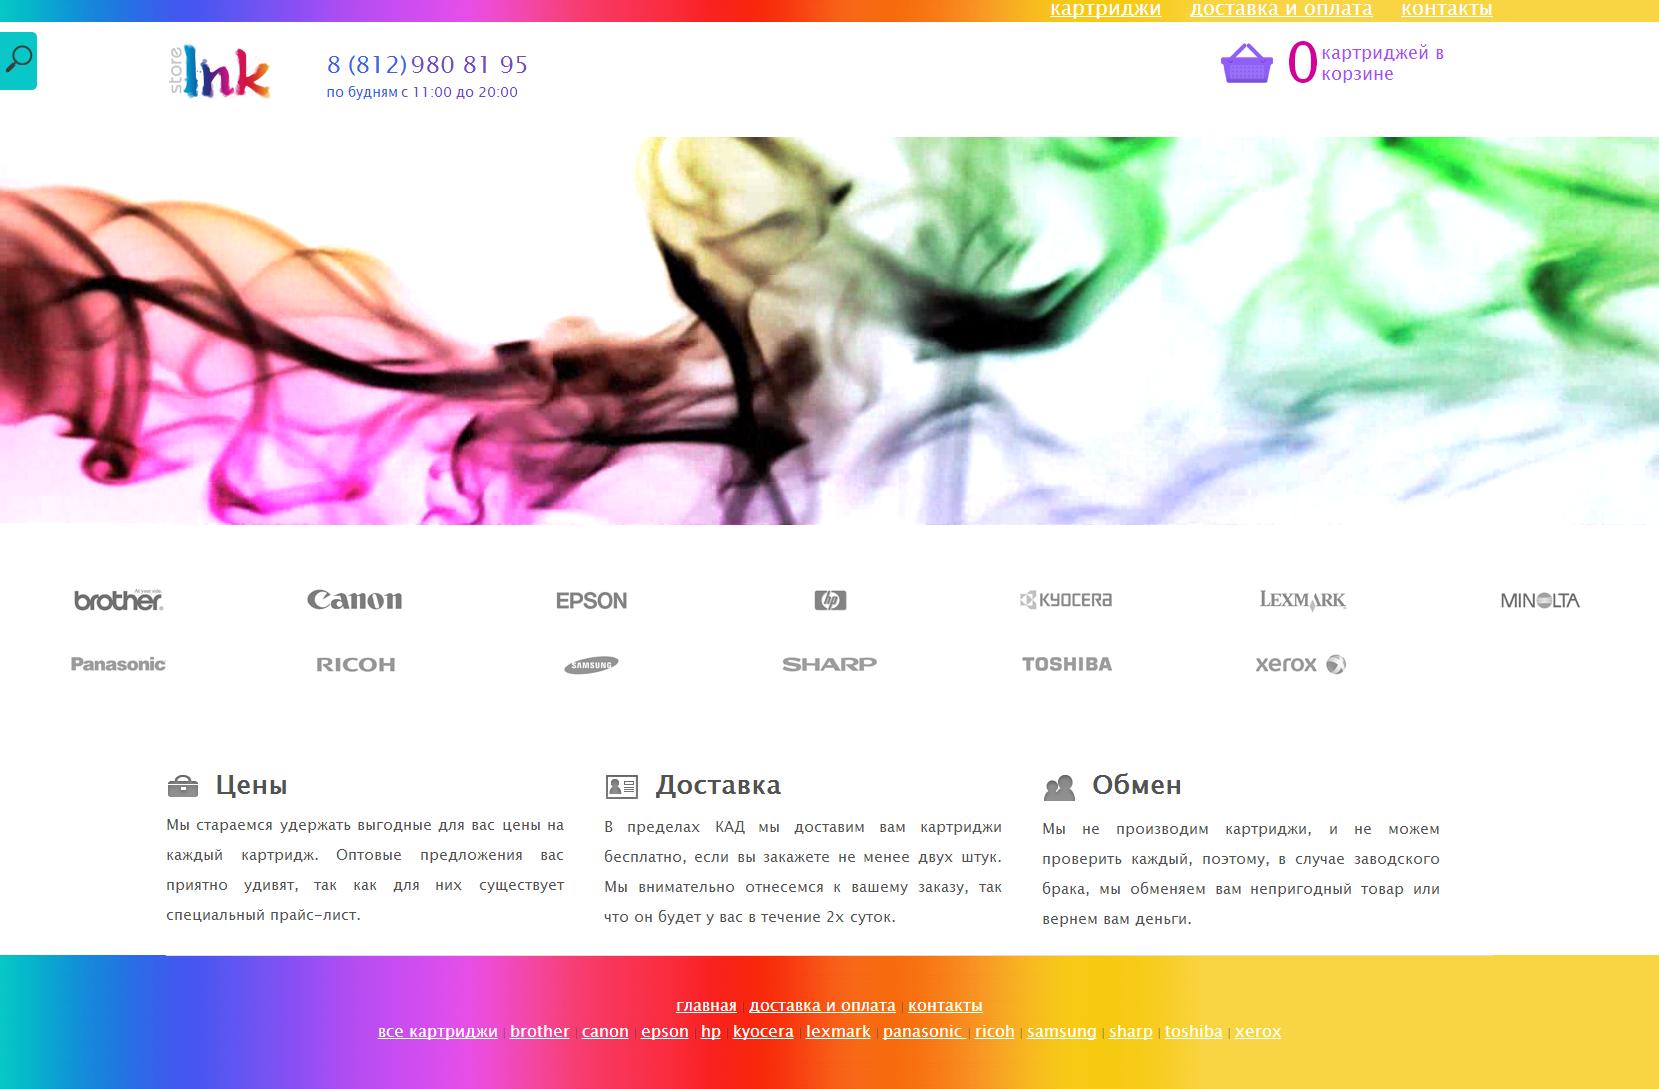 Ink-store.ru- онлайн-магазин картриджей для лазерных принтеров, Санкт-Петербург (Спб)